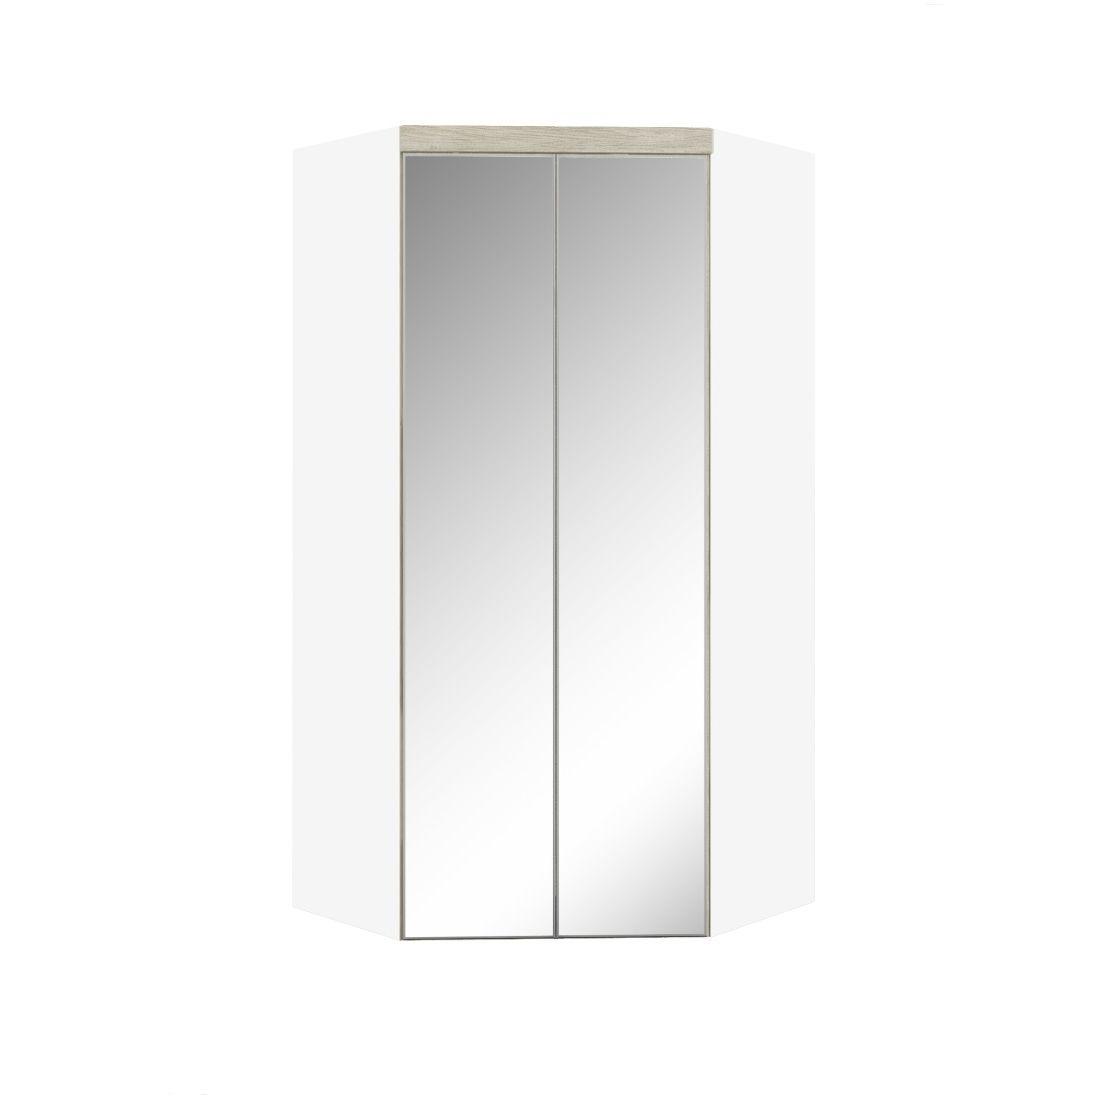 Armário Modulado Supreme Canto Closet Com Gavetas e Espelho Branco Fosco e Rovere Madeirado Robel Móveis